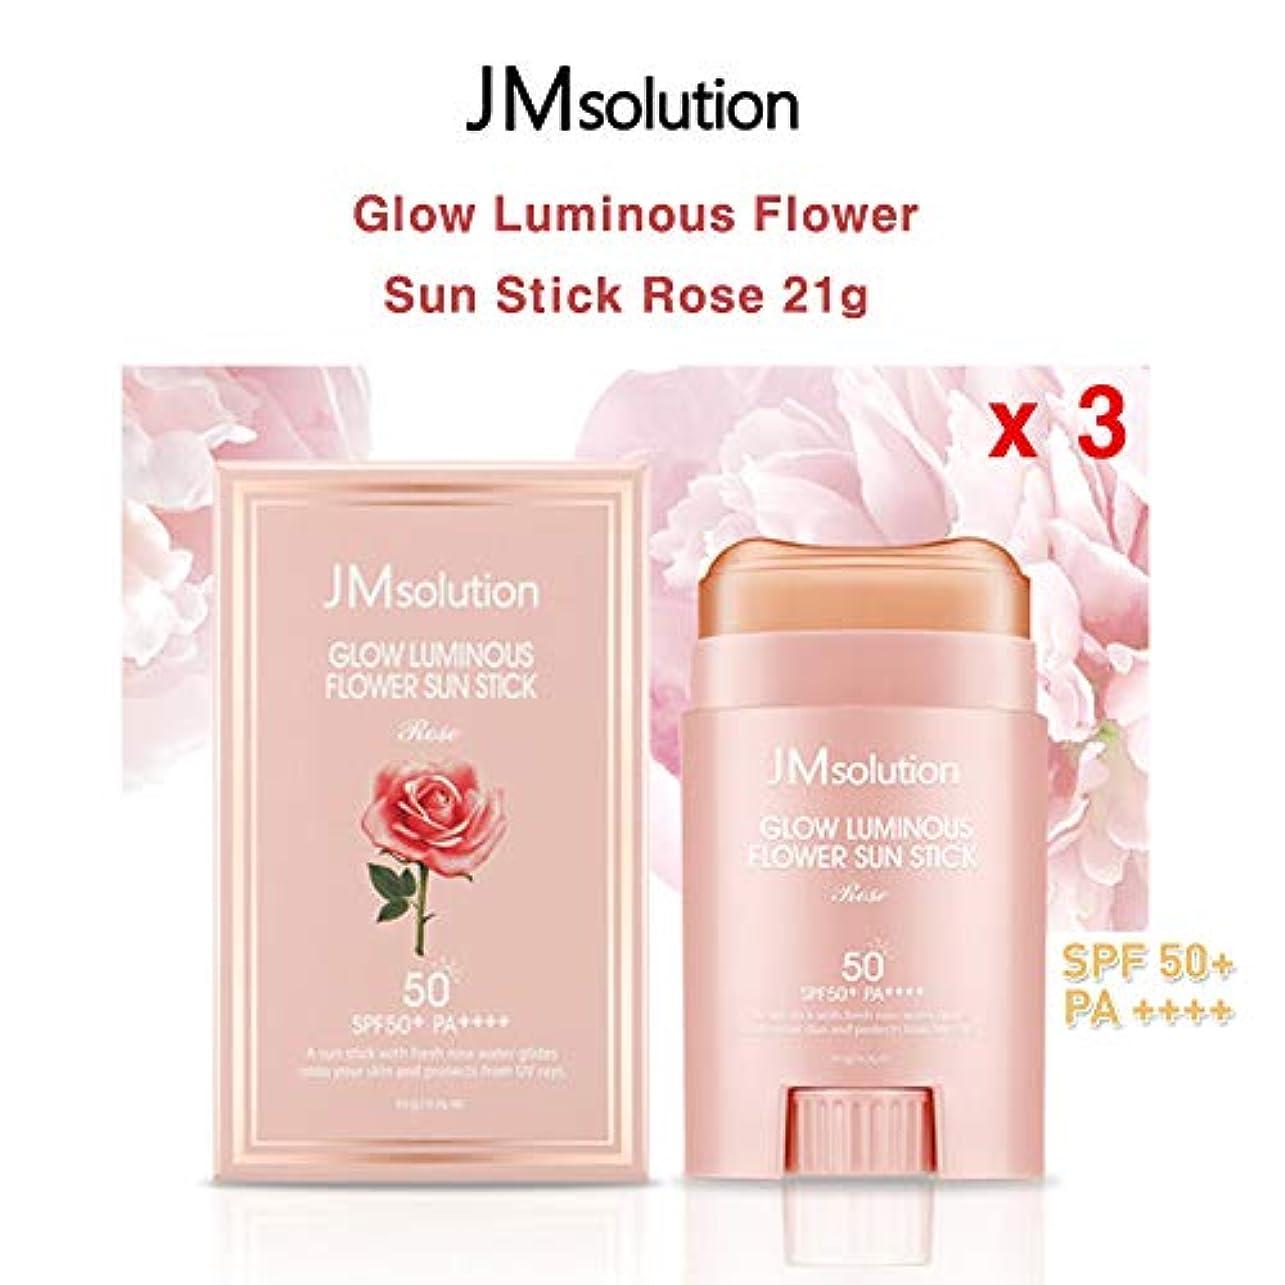 配管工ウール記憶JM Solution ★1+1+1★ Glow Luminous Flower Sun Stick Rose 21g (spf50 PA) 光る輝く花Sun Stick Rose